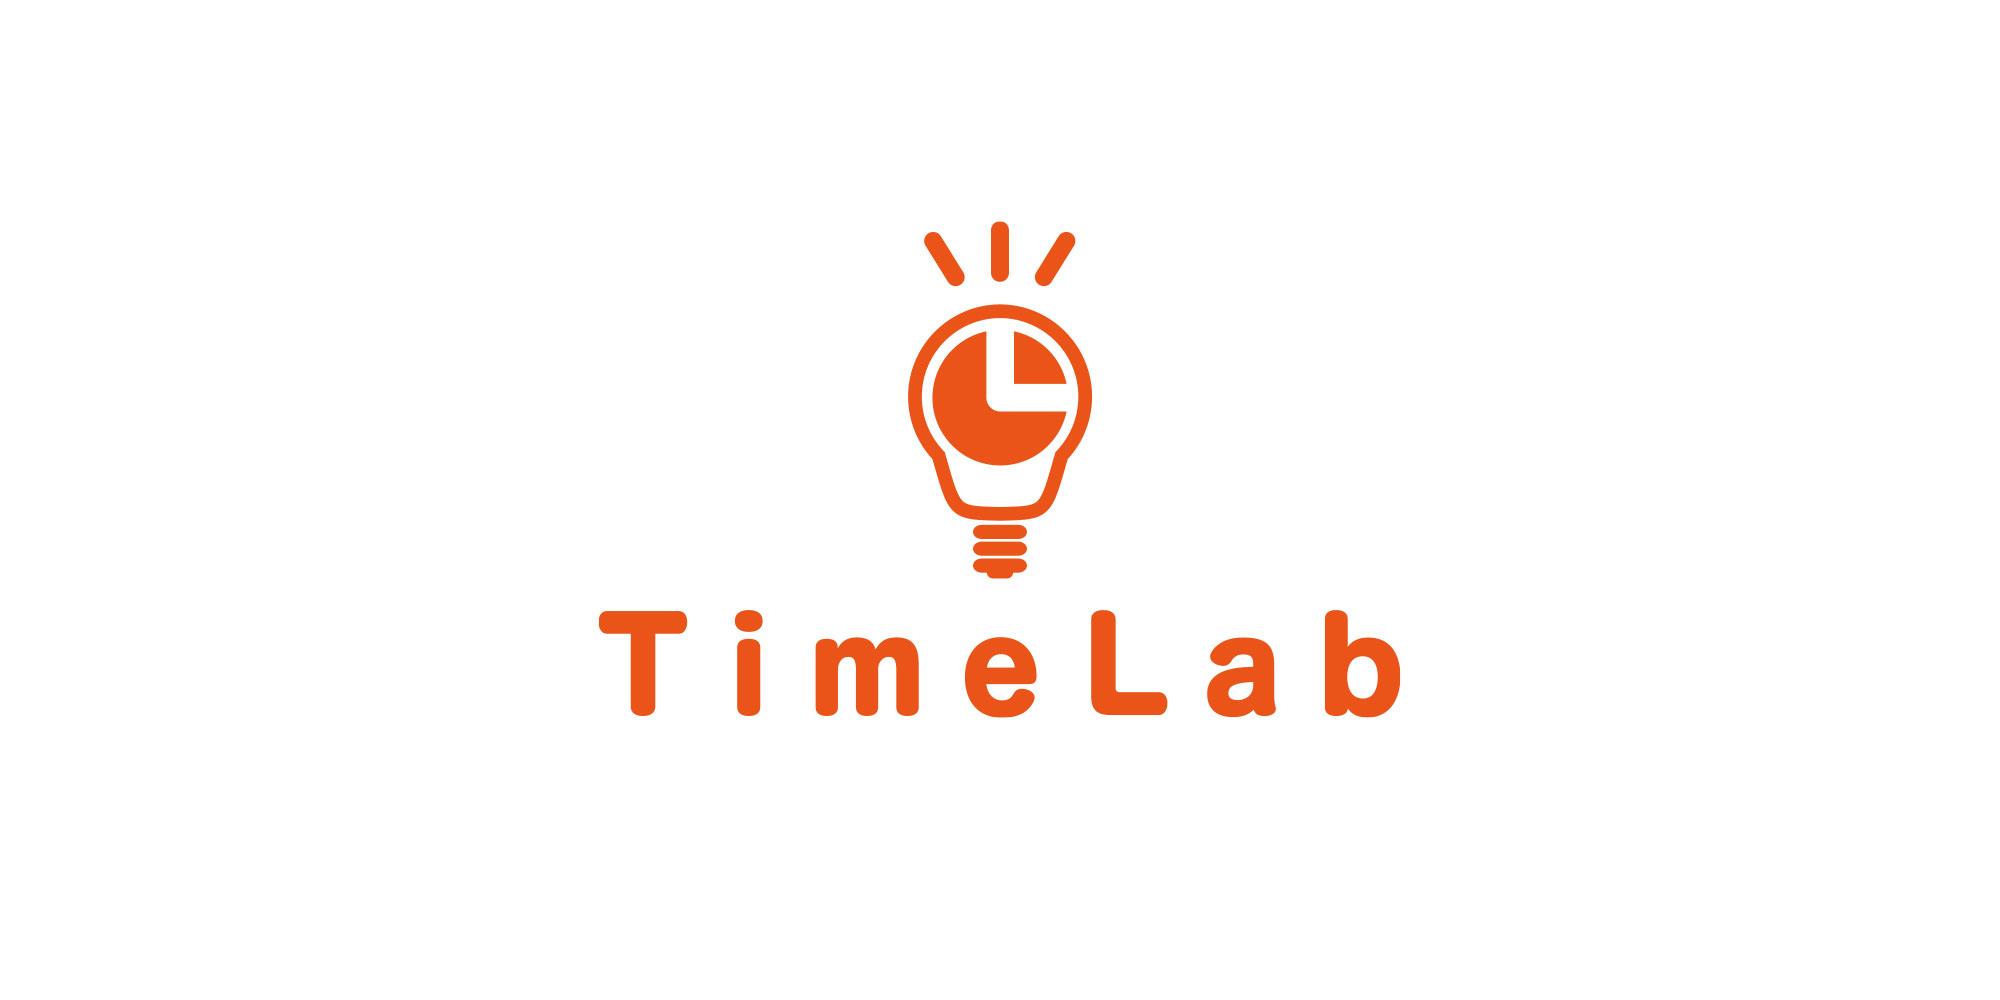 timelab_logo_type3